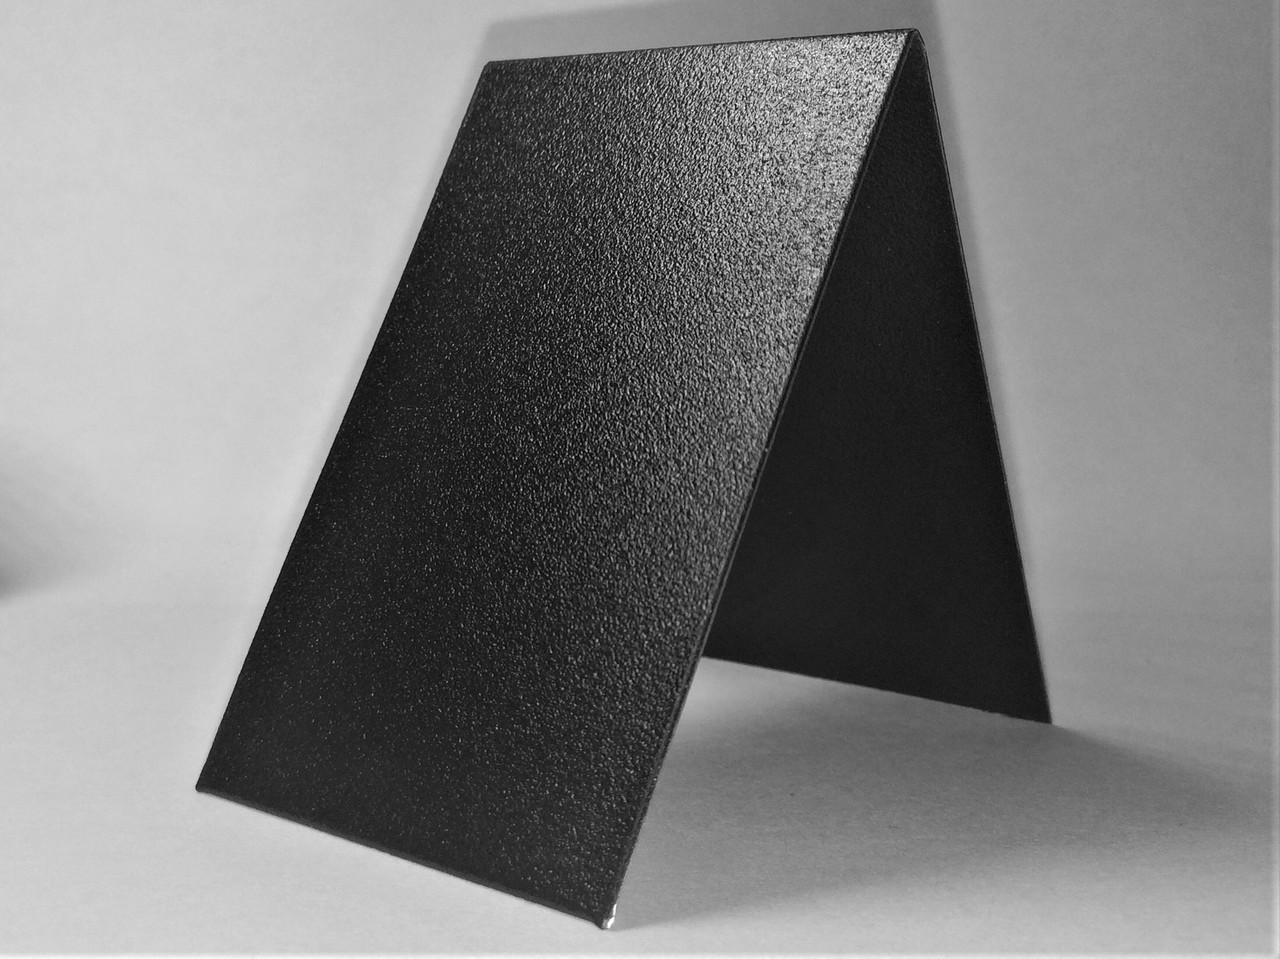 Меловой ценник А4 30х20 см V-образный двухсторонний вертикальный (для надписей мелом и маркером) грифельный